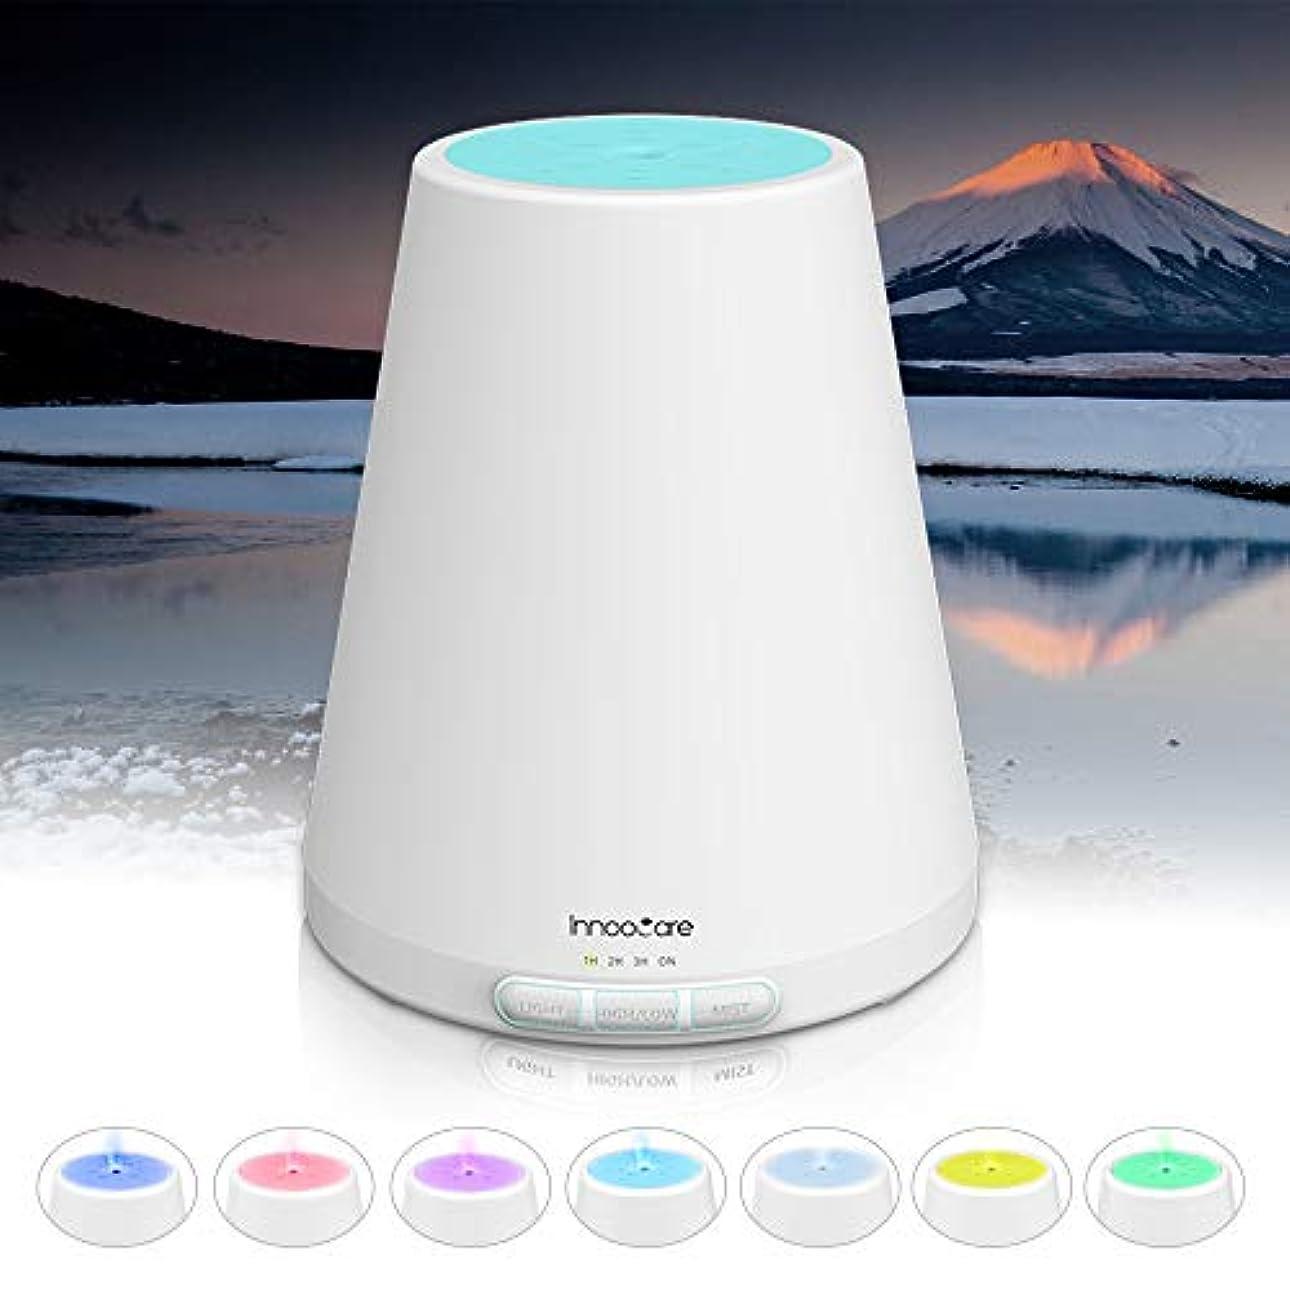 池勝つコンパスアロマディフューザー 300ml, ディフューザー アロマ加湿器, アロマでぃふゅーざー超音波 空気清浄機 7色変換LED